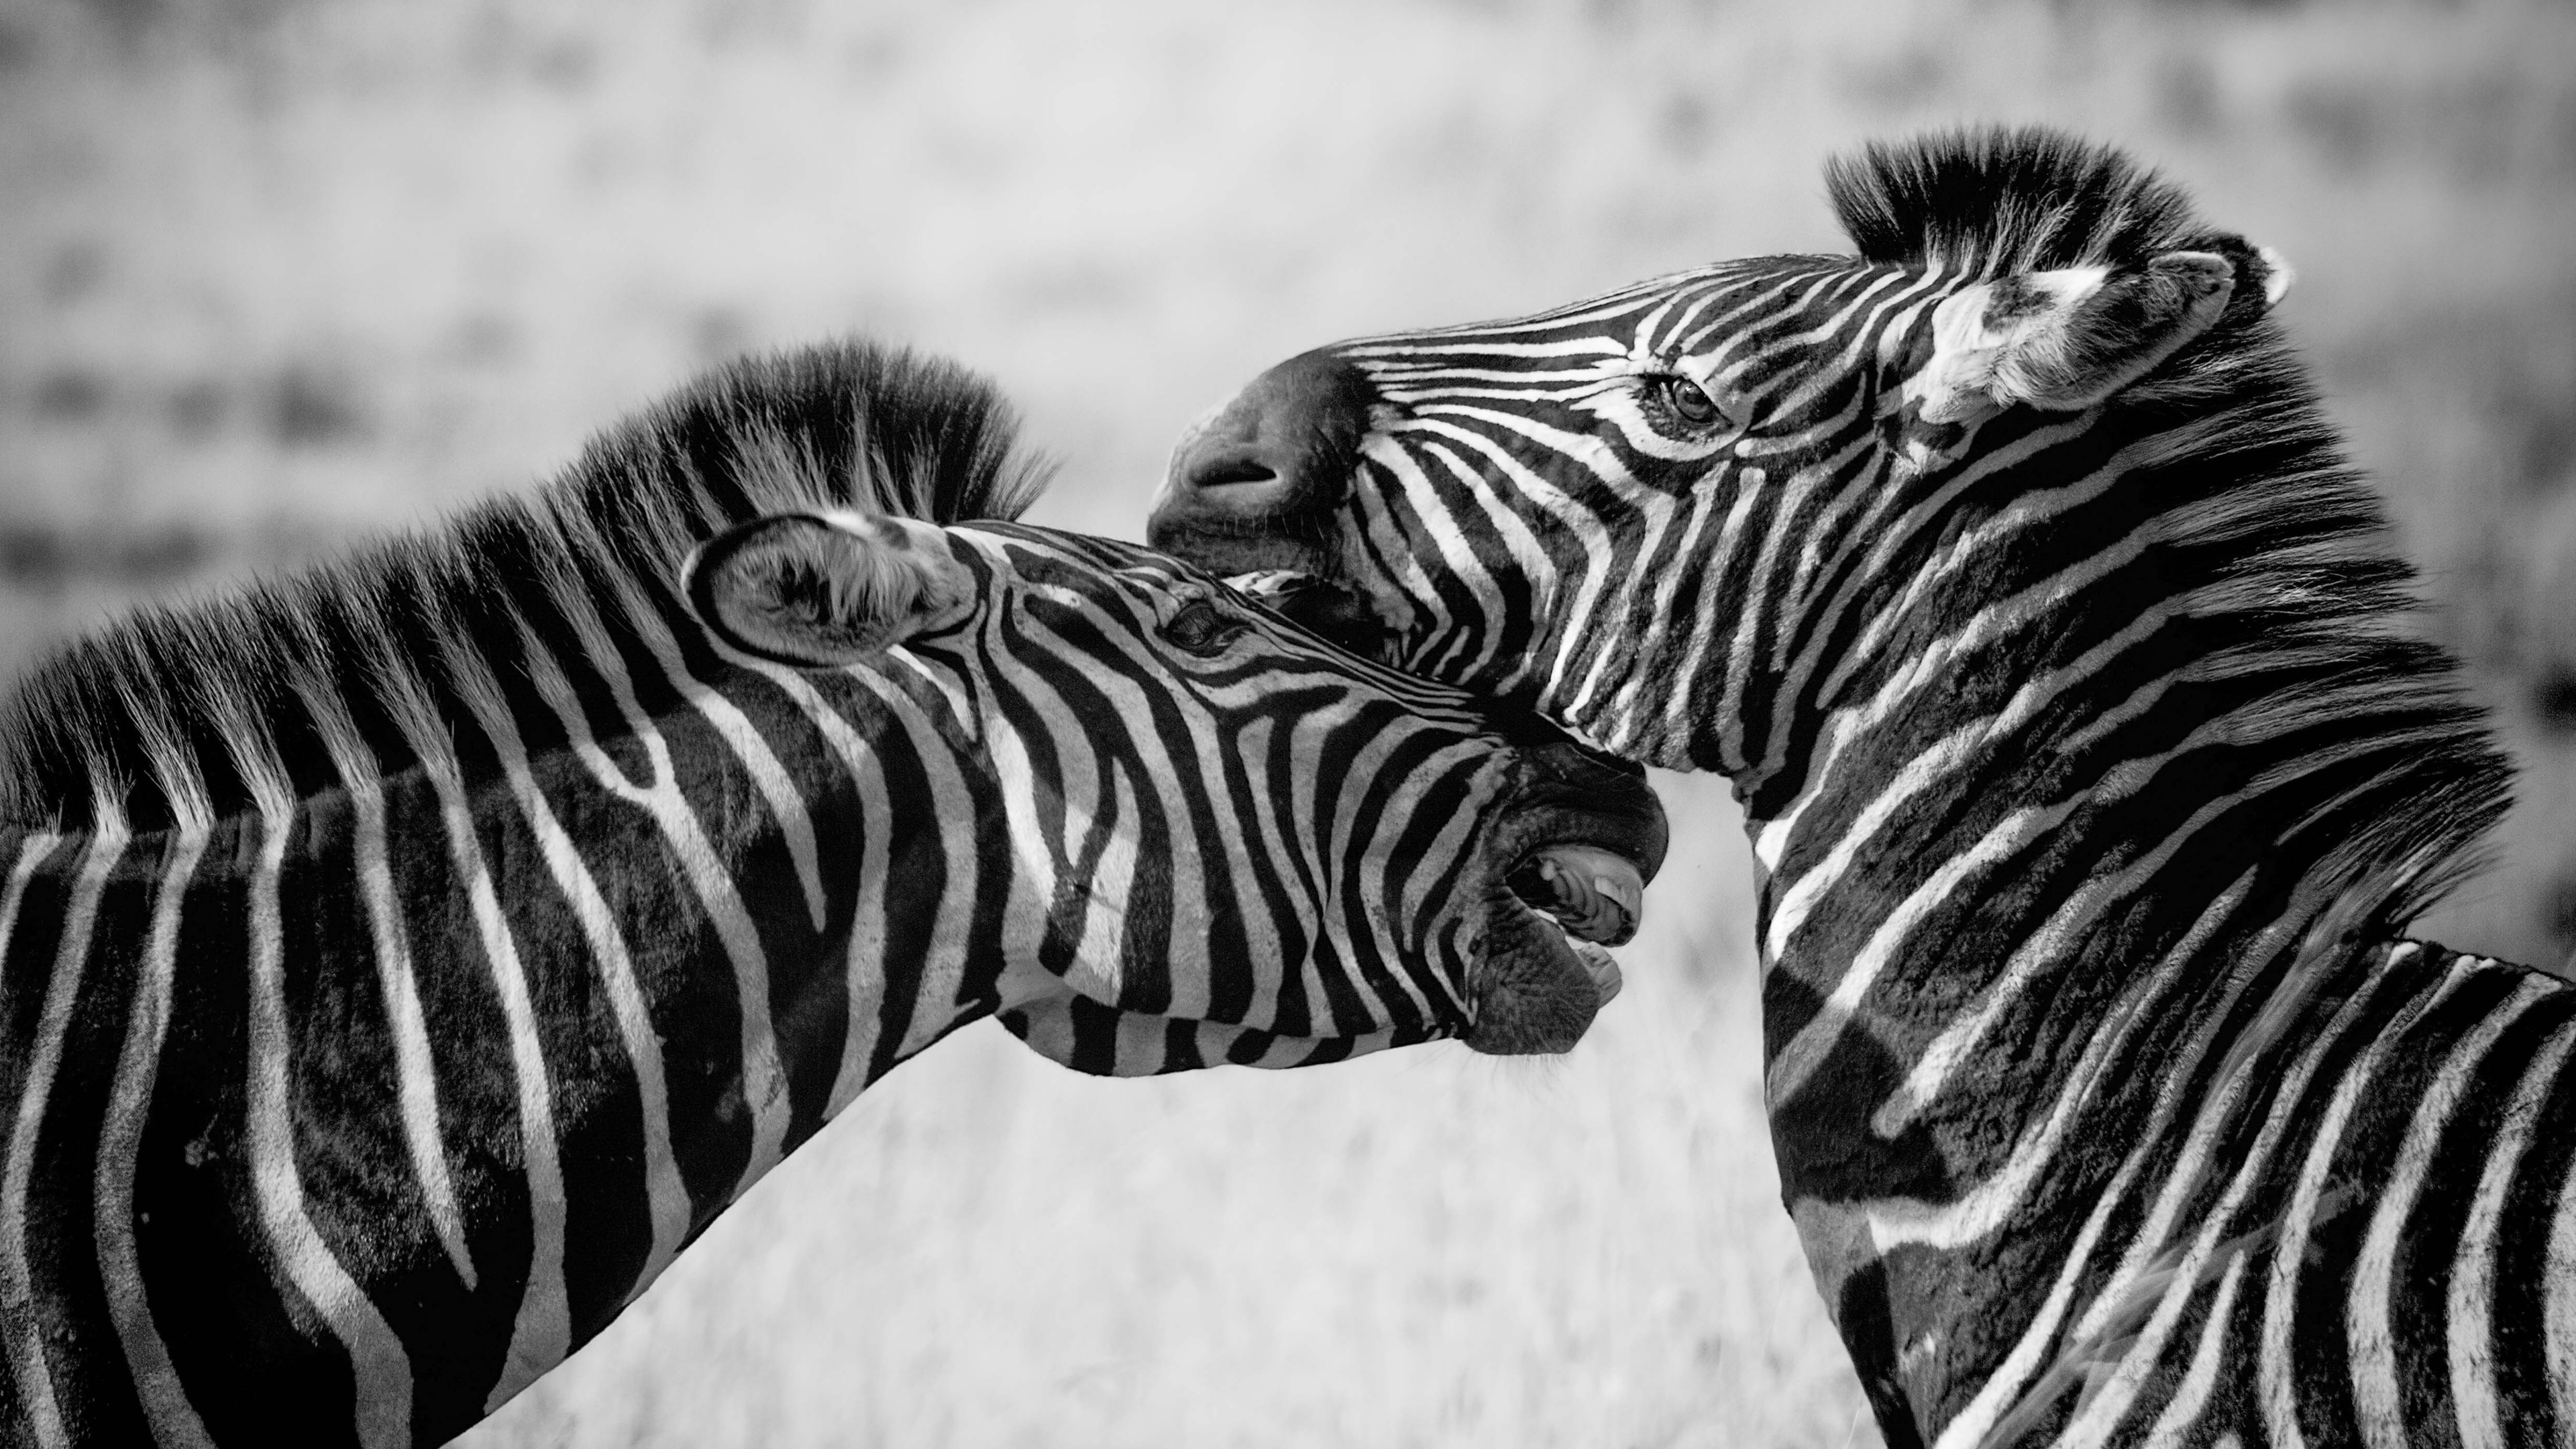 Wallpaper 4k Zebras Black And White 4k 4k wallpapers animals 3840x2160